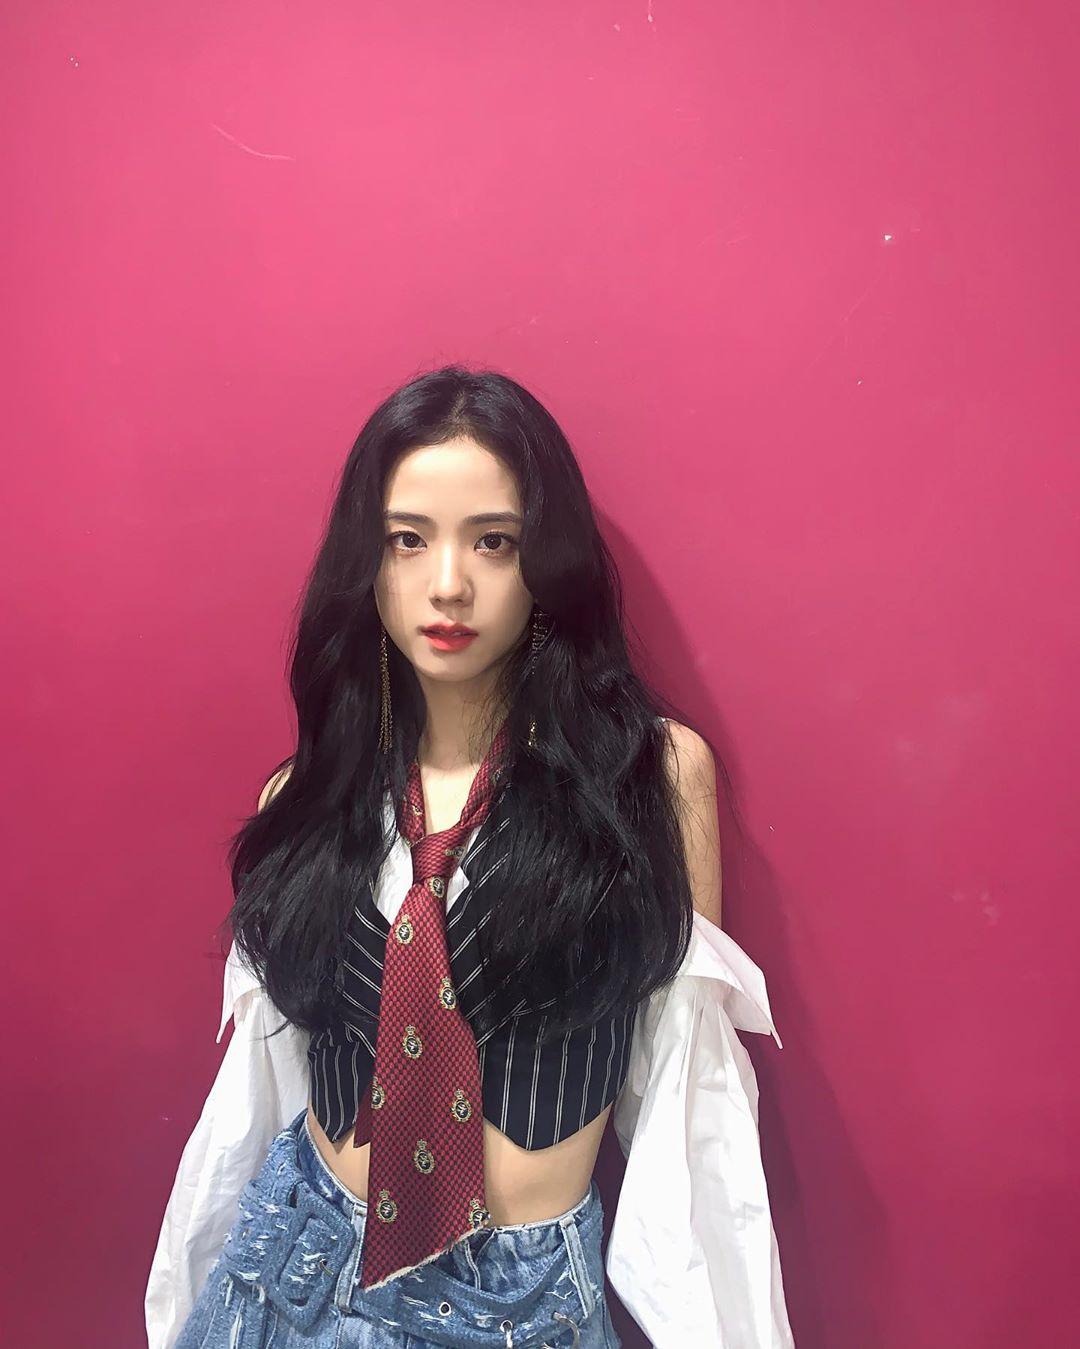 Gương mặt Ji Soo được cho là đã giảm cân đáng kể.